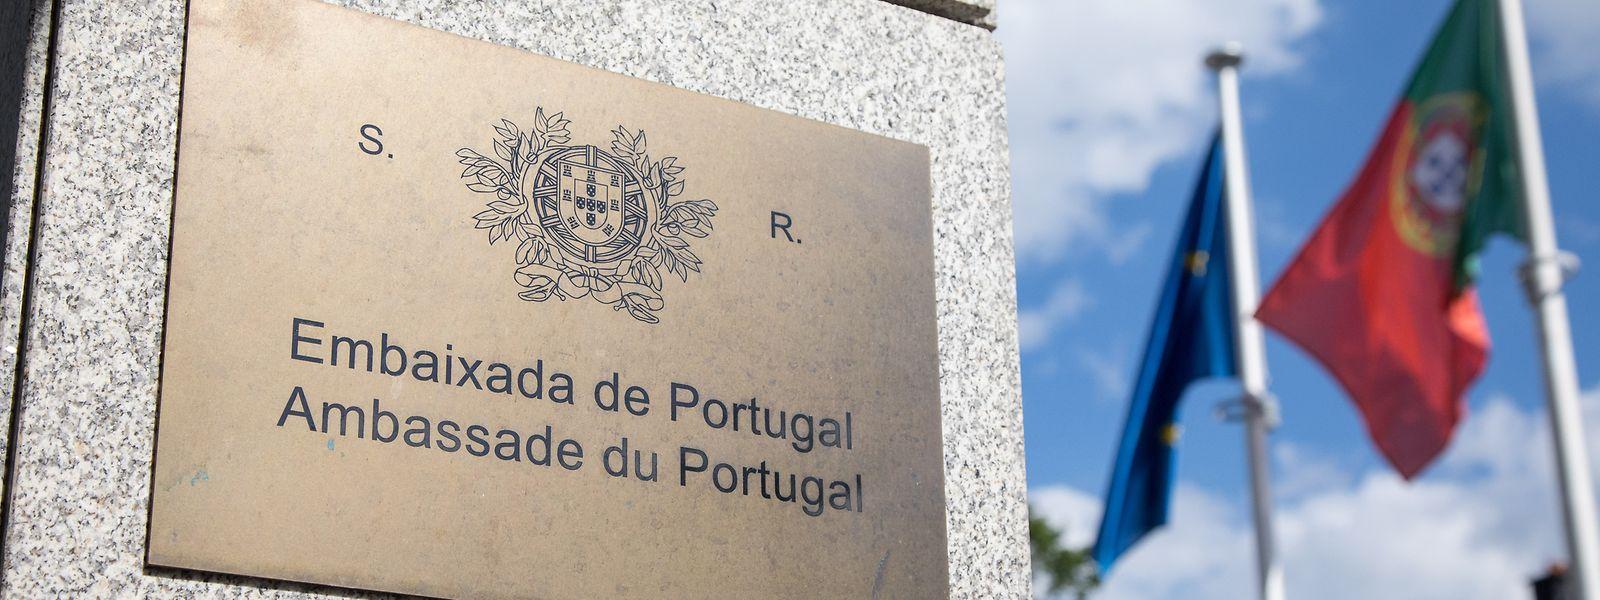 L'Etat portugais a été condamné à payer plus de 20.000 euros à une ancienne employée.